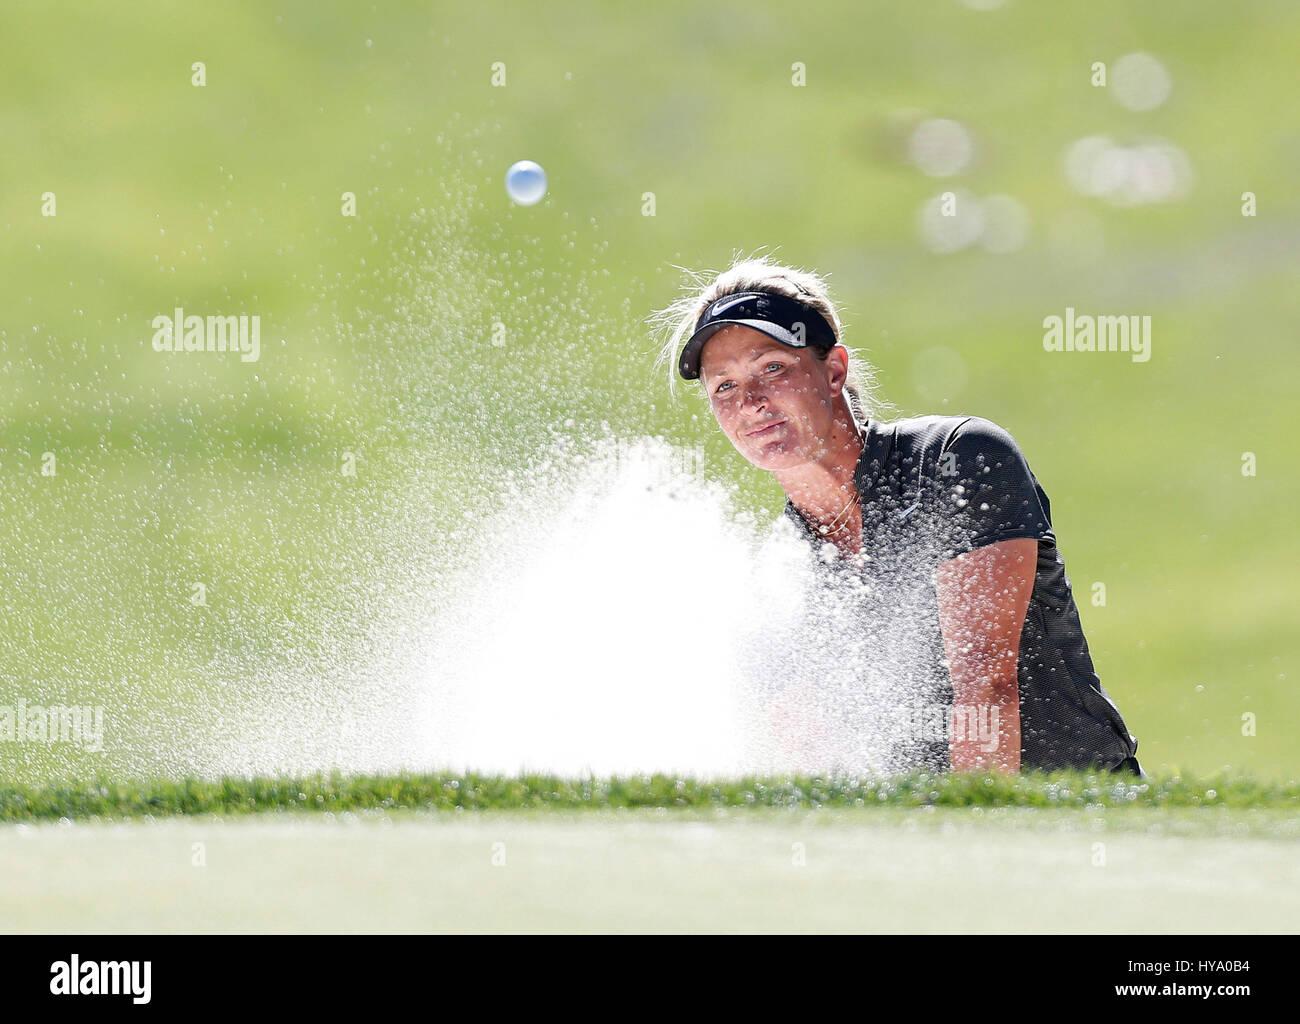 Abril 02, 2017 Suzann Petterson de Noruega hits de un búnker en el octavo hoyo durante la ronda final del 2017 ANA Foto de stock